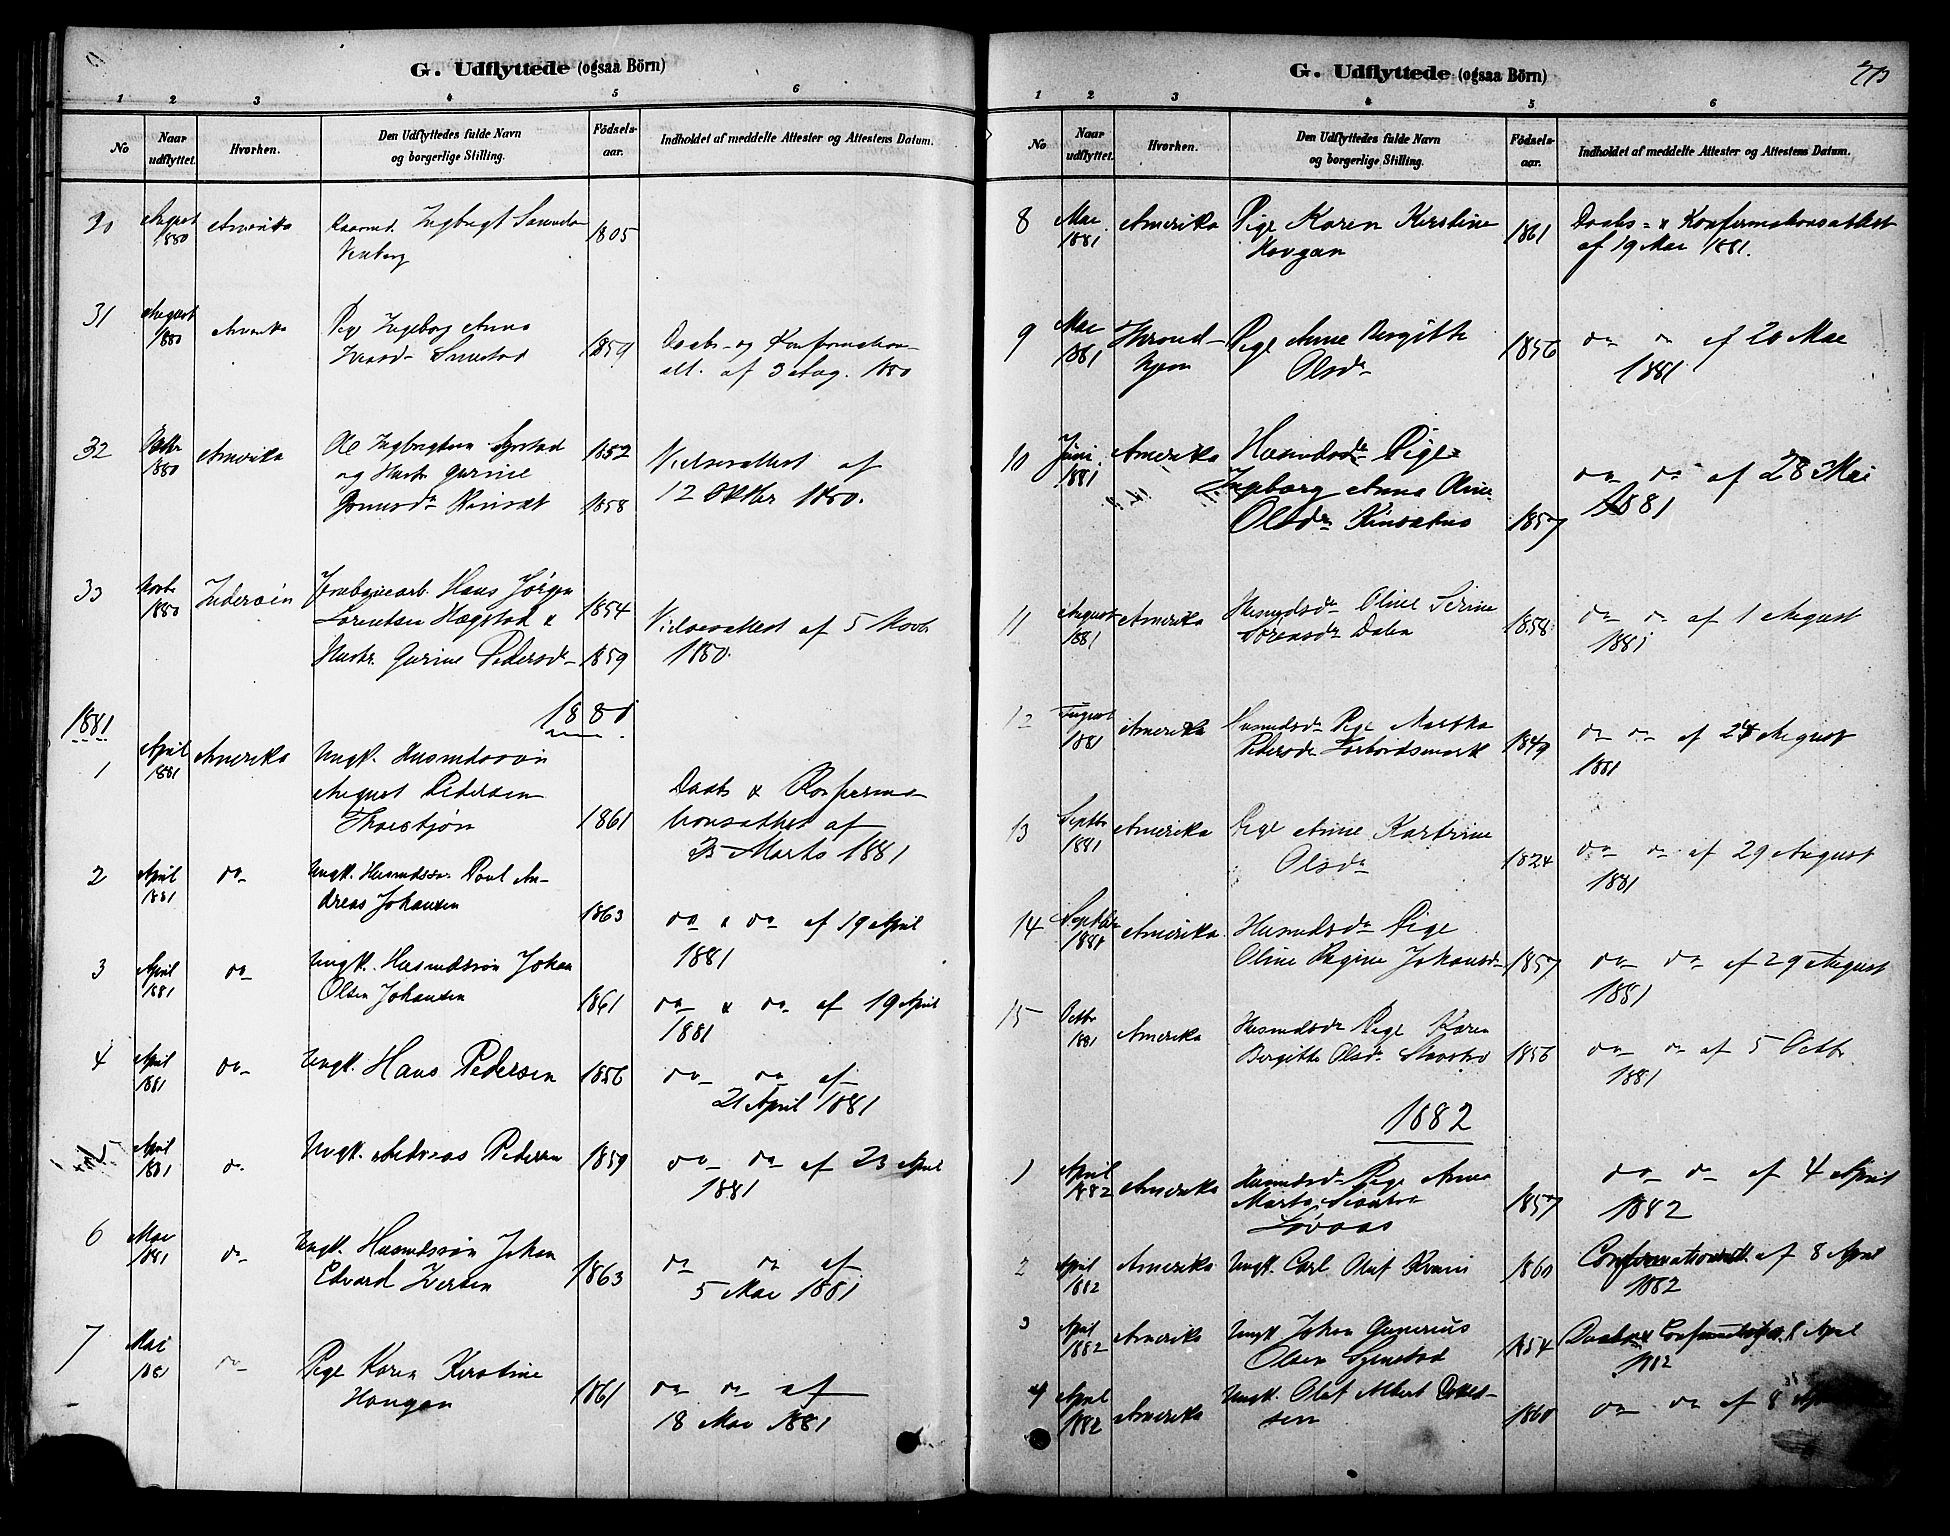 SAT, Ministerialprotokoller, klokkerbøker og fødselsregistre - Sør-Trøndelag, 616/L0410: Ministerialbok nr. 616A07, 1878-1893, s. 273